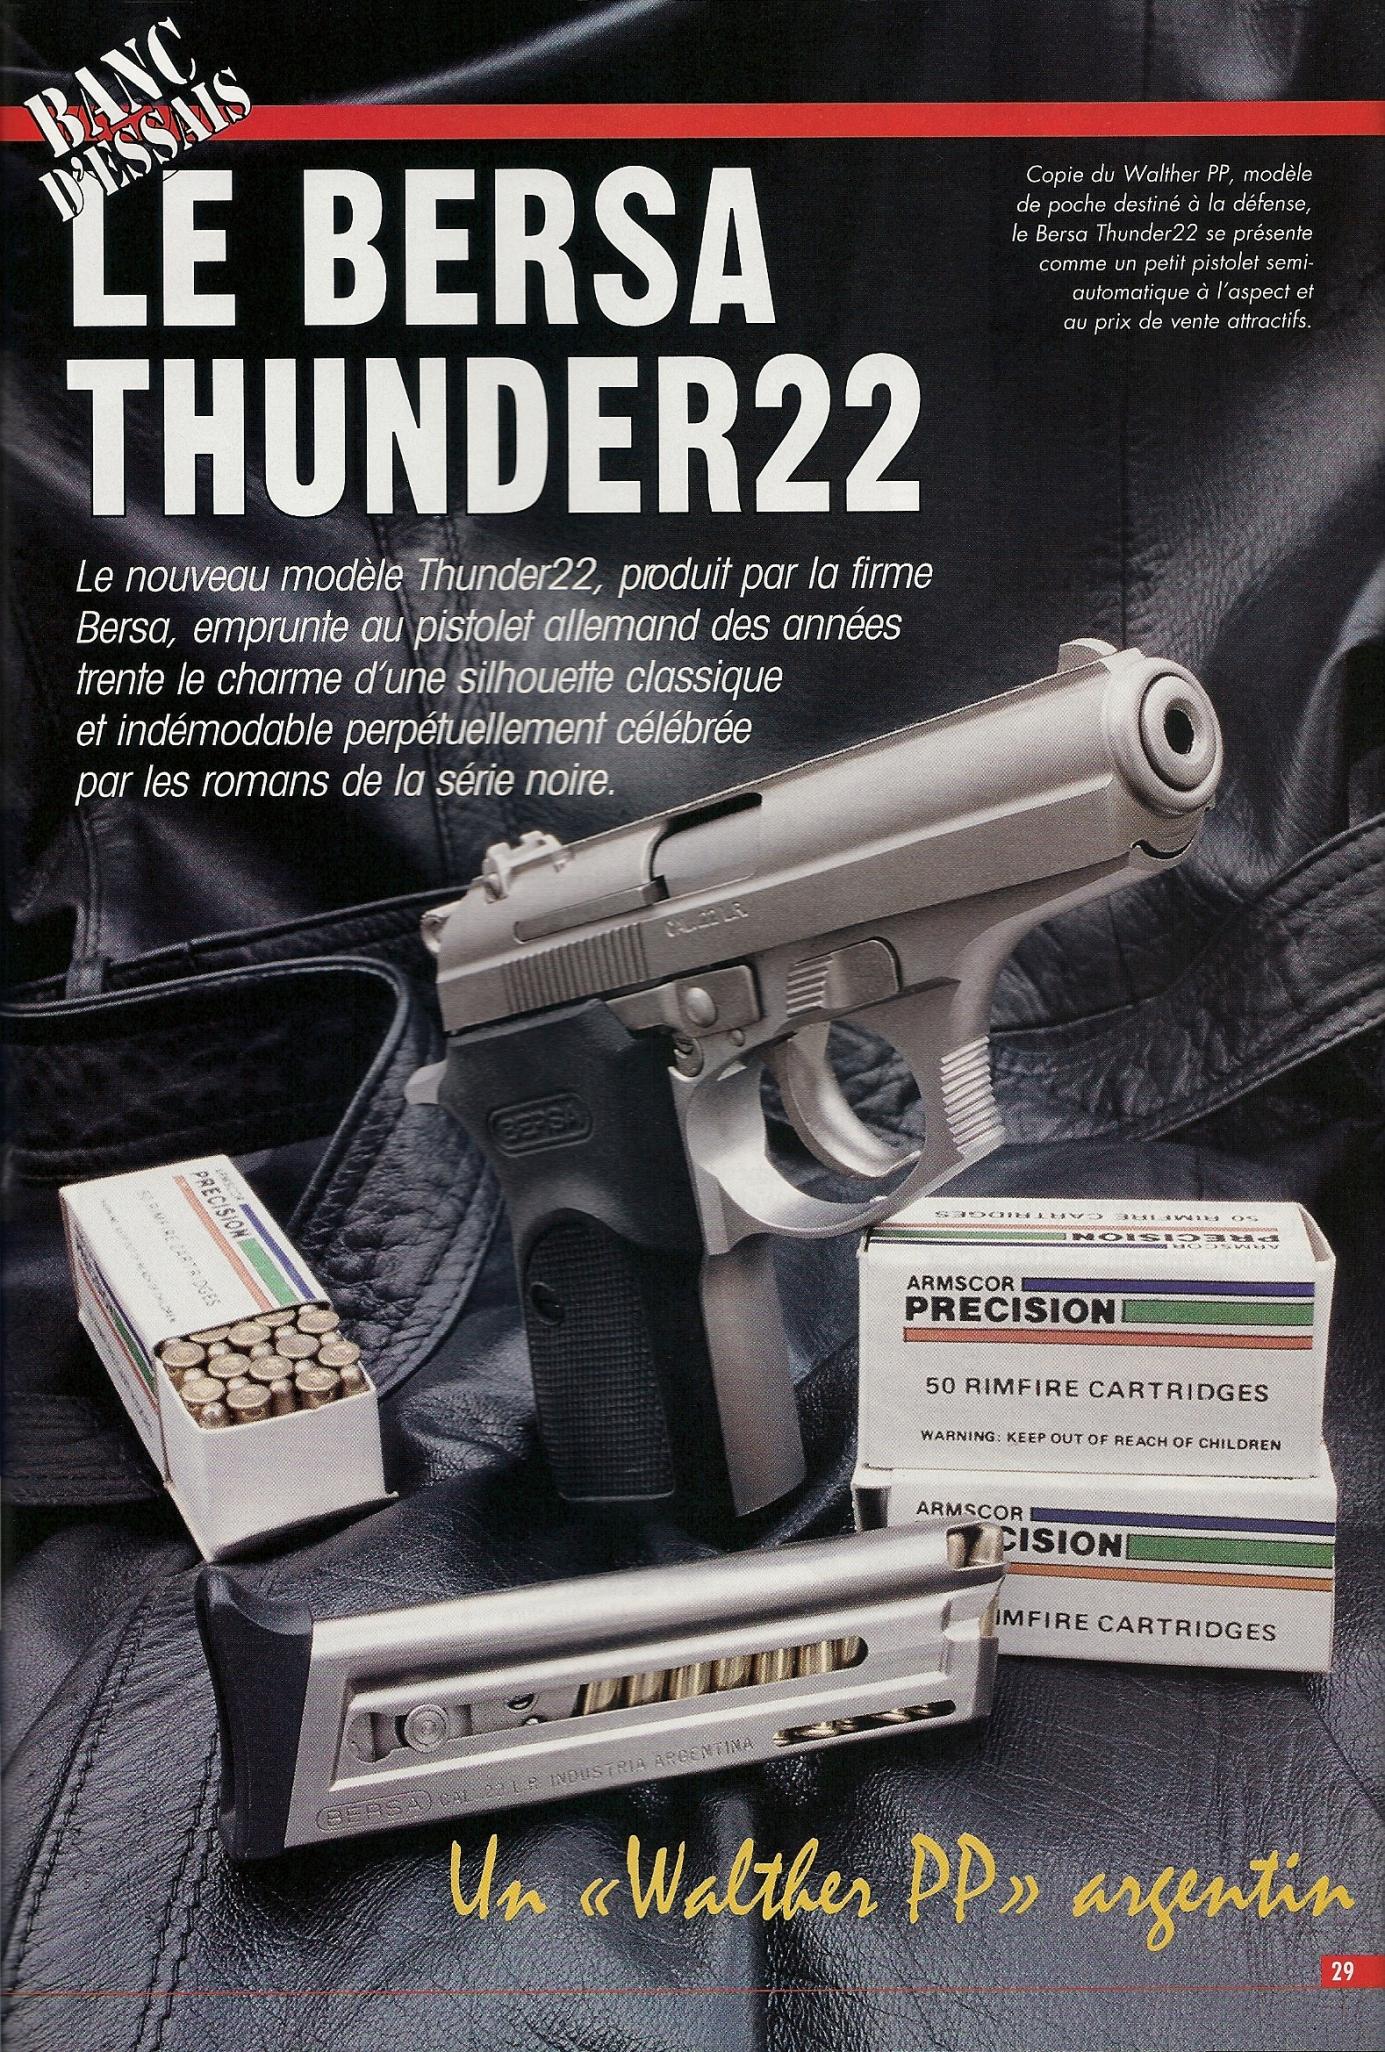 Copie du Walther PP, le pistolet de poche argentin Bersa Thunder se présente comme un petit pistolet semi-automatique à l'aspect et au prix de vente attractifs.